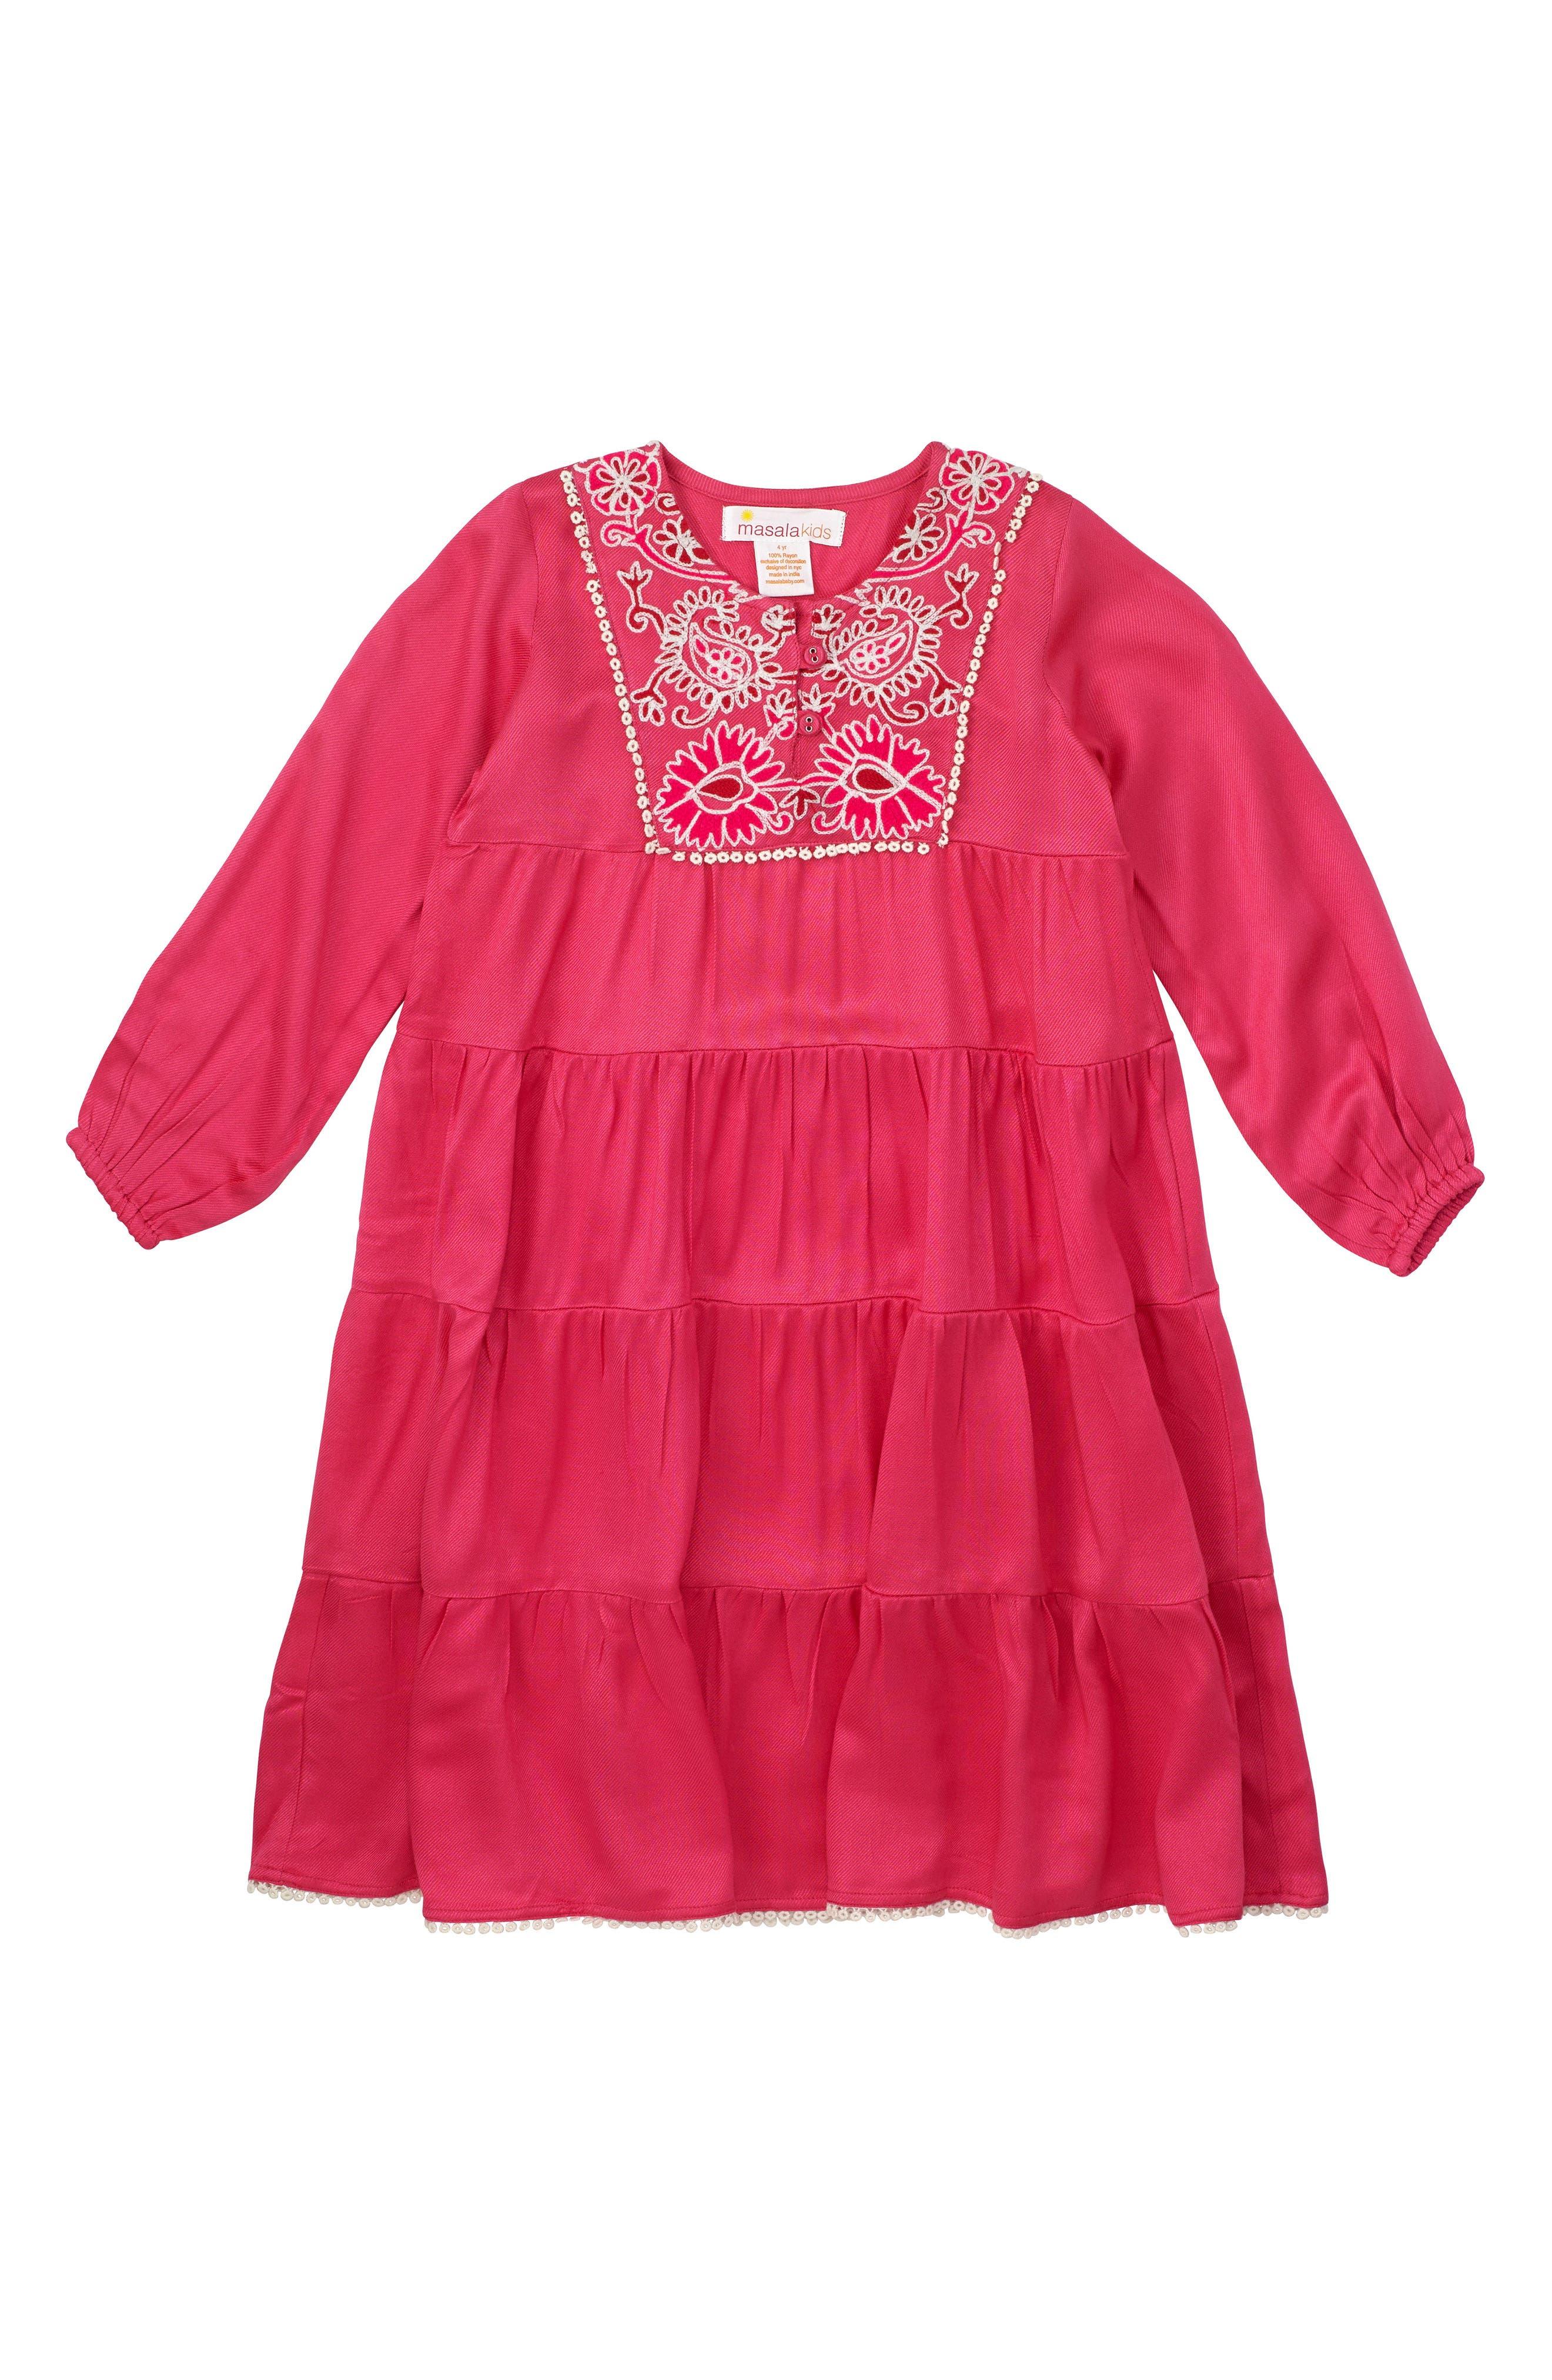 Main Image - Masasla Baby Rose Dress (Toddler Girls, Little Girls & Big Girls)